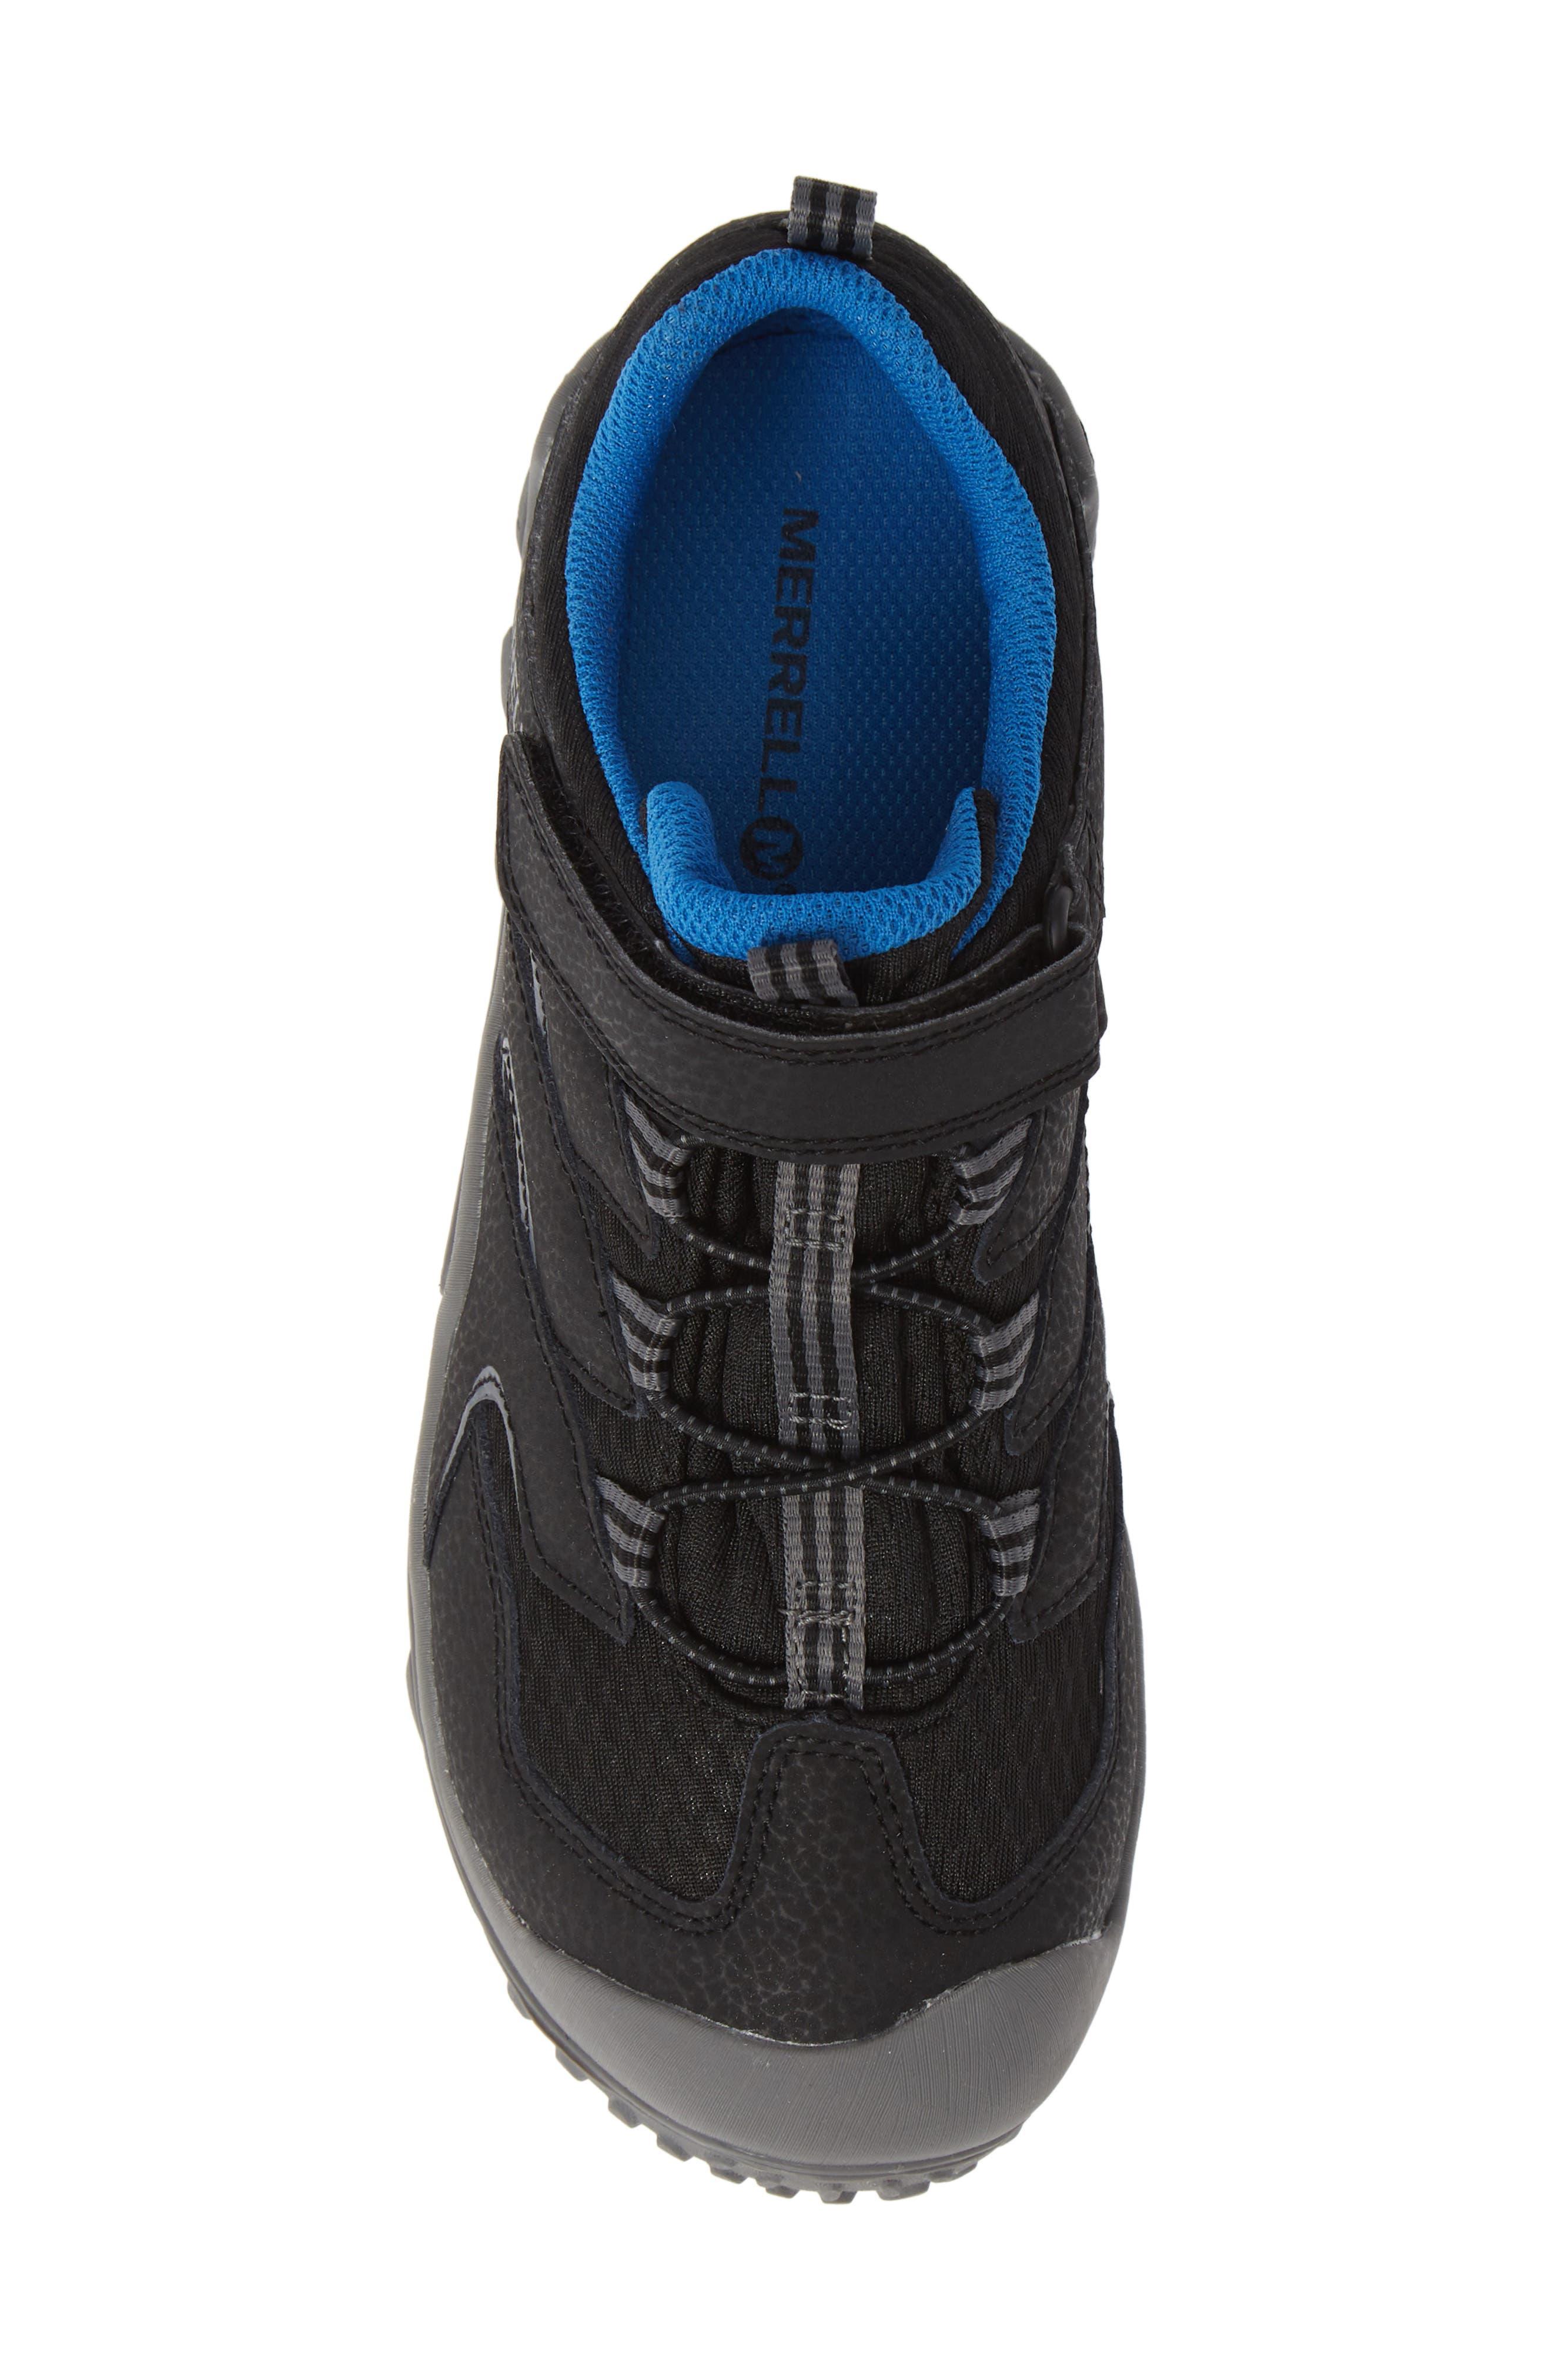 Chameleon 7 Waterproof Sneaker,                             Alternate thumbnail 5, color,                             BLACK